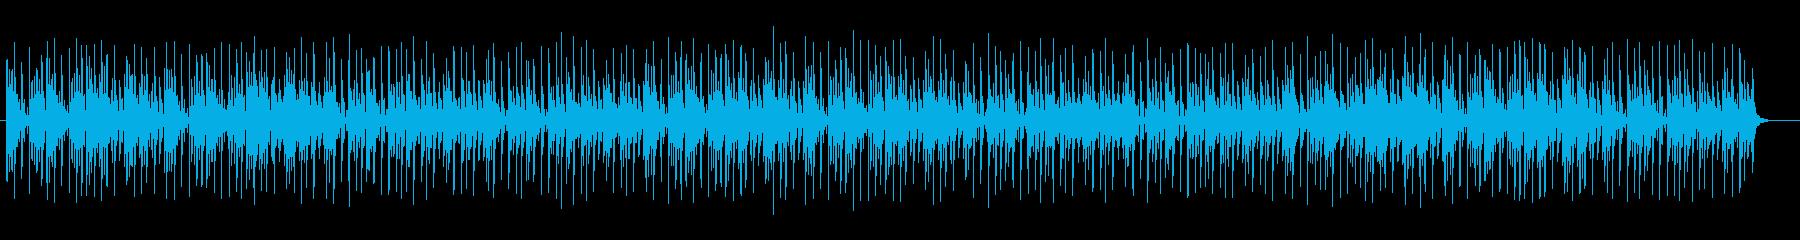 落ち着きのあるふんわりシンセサイザー曲の再生済みの波形